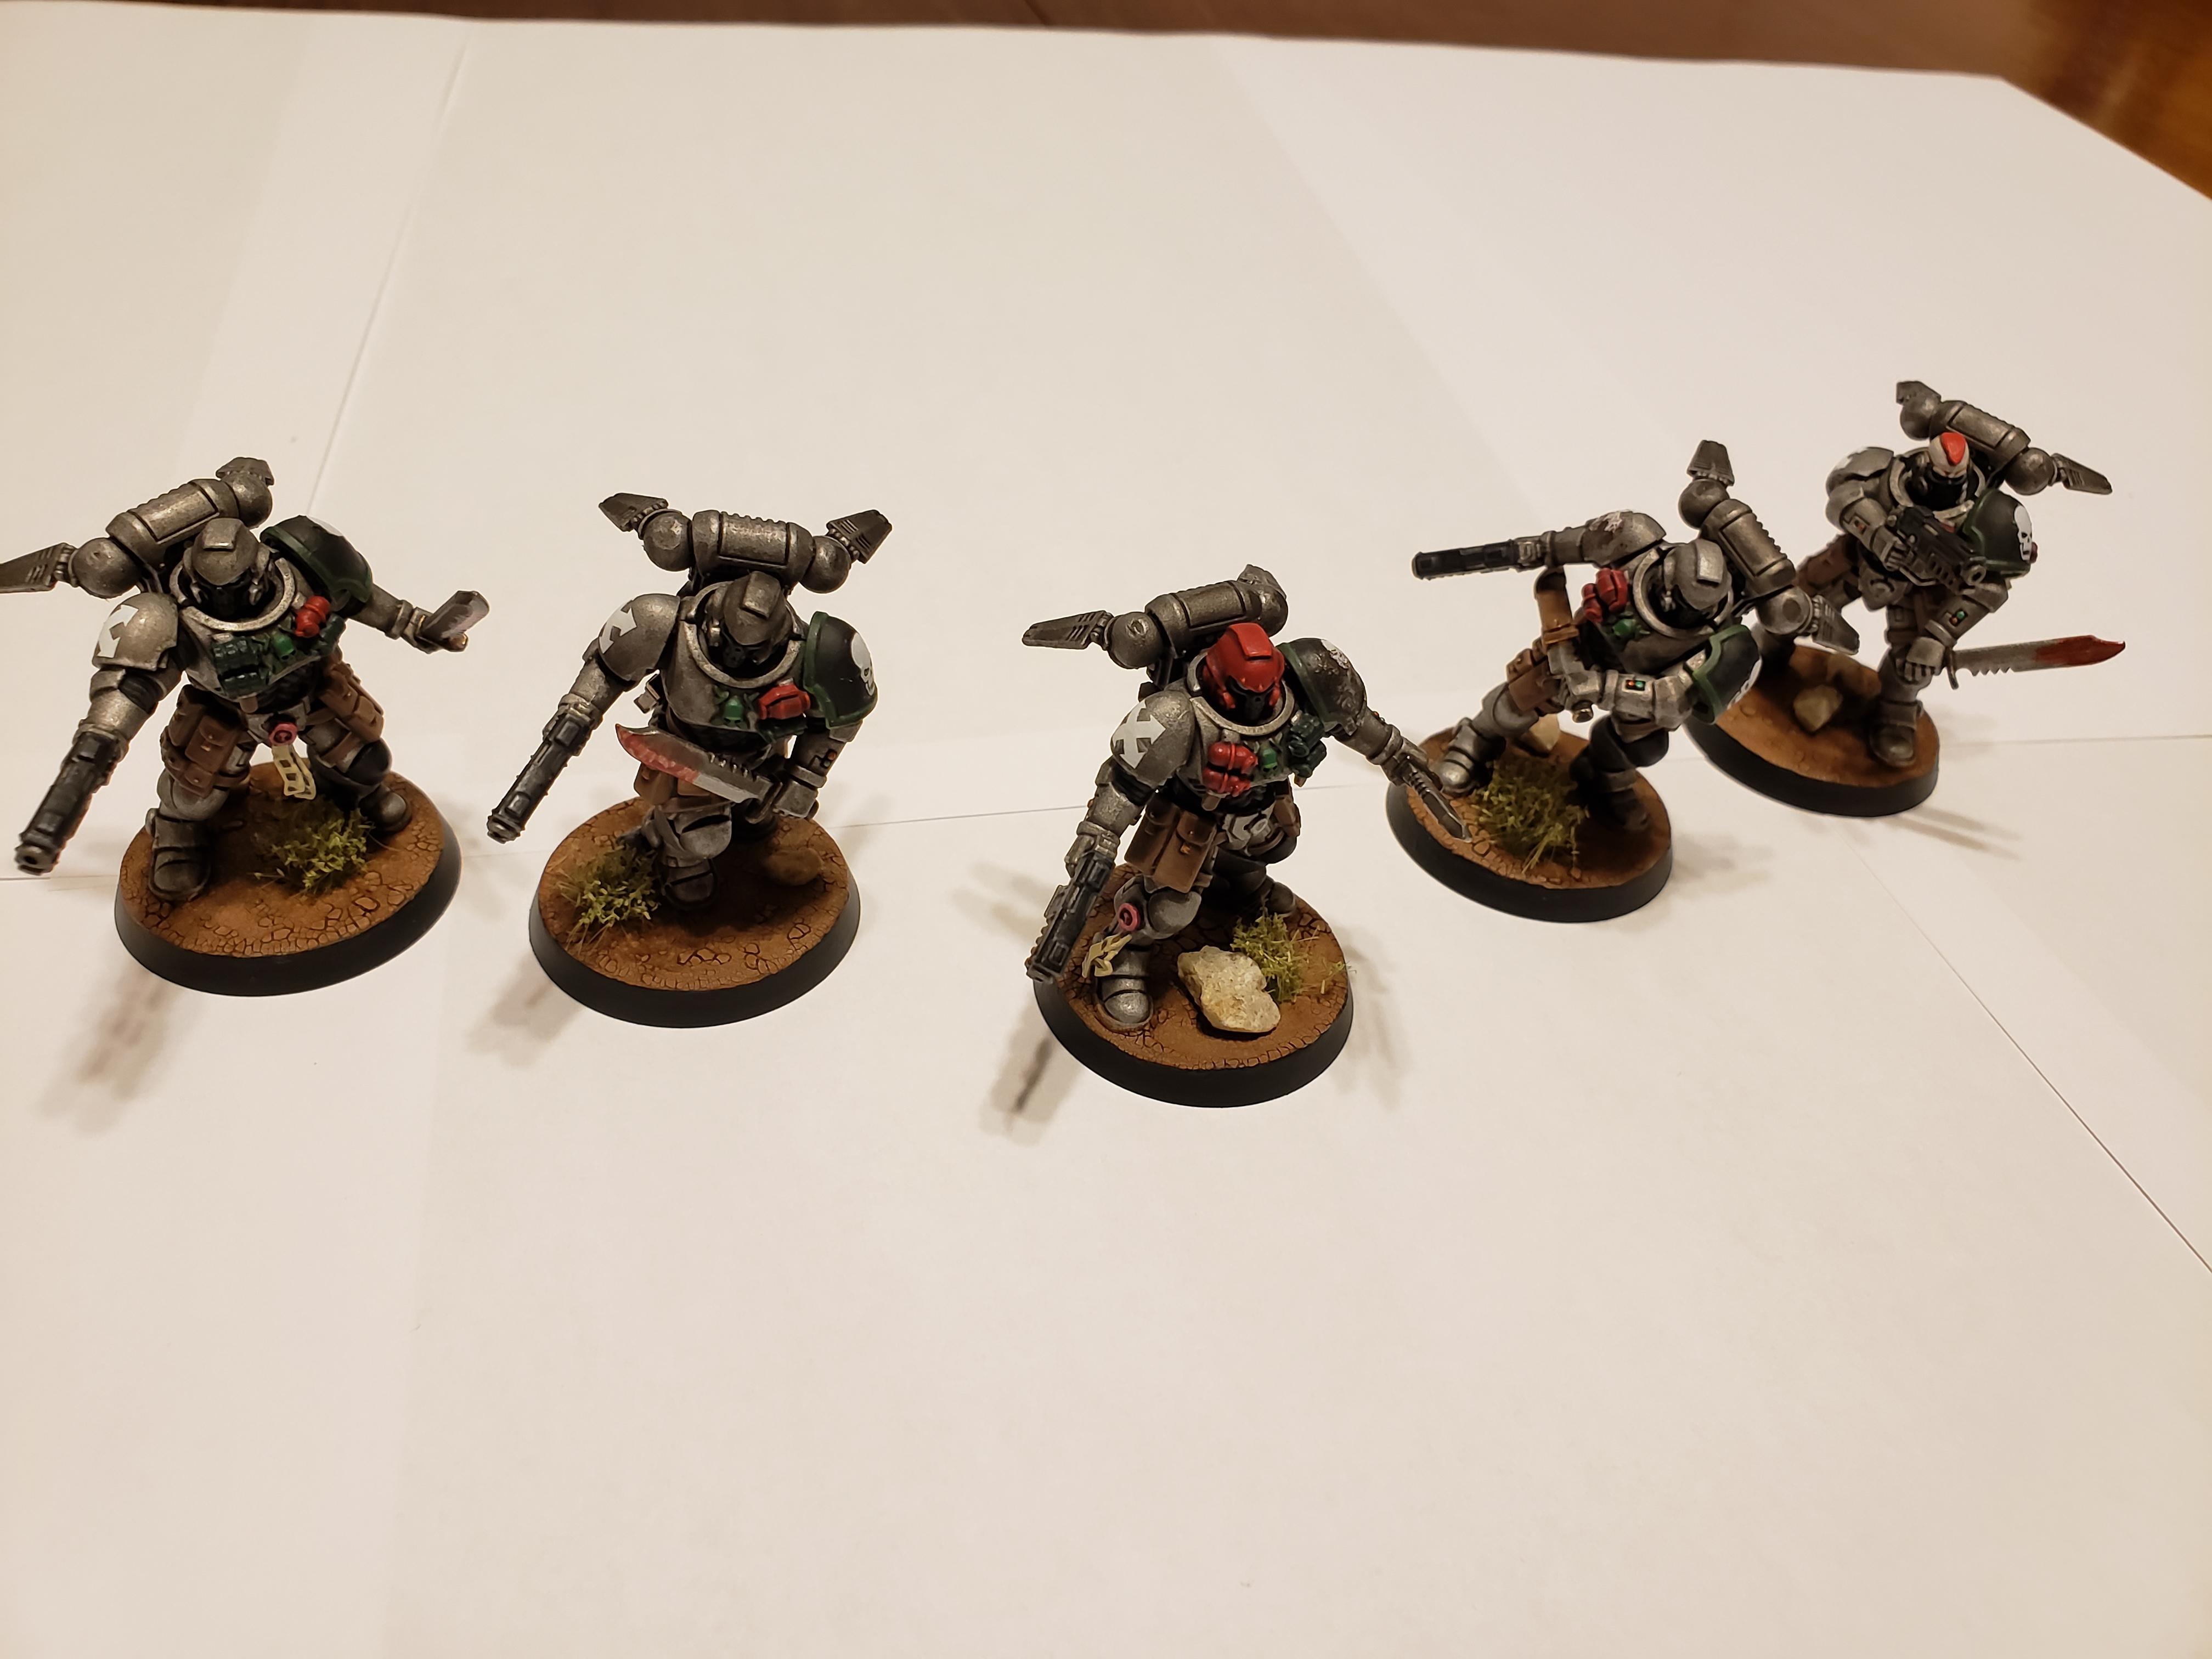 Combat Knife, Doom, Doom Legion, Frag Grenade, Grav Chutes, Heavy Bolt Pistol, Krak Grenade, Legion, Primaris, Reiver